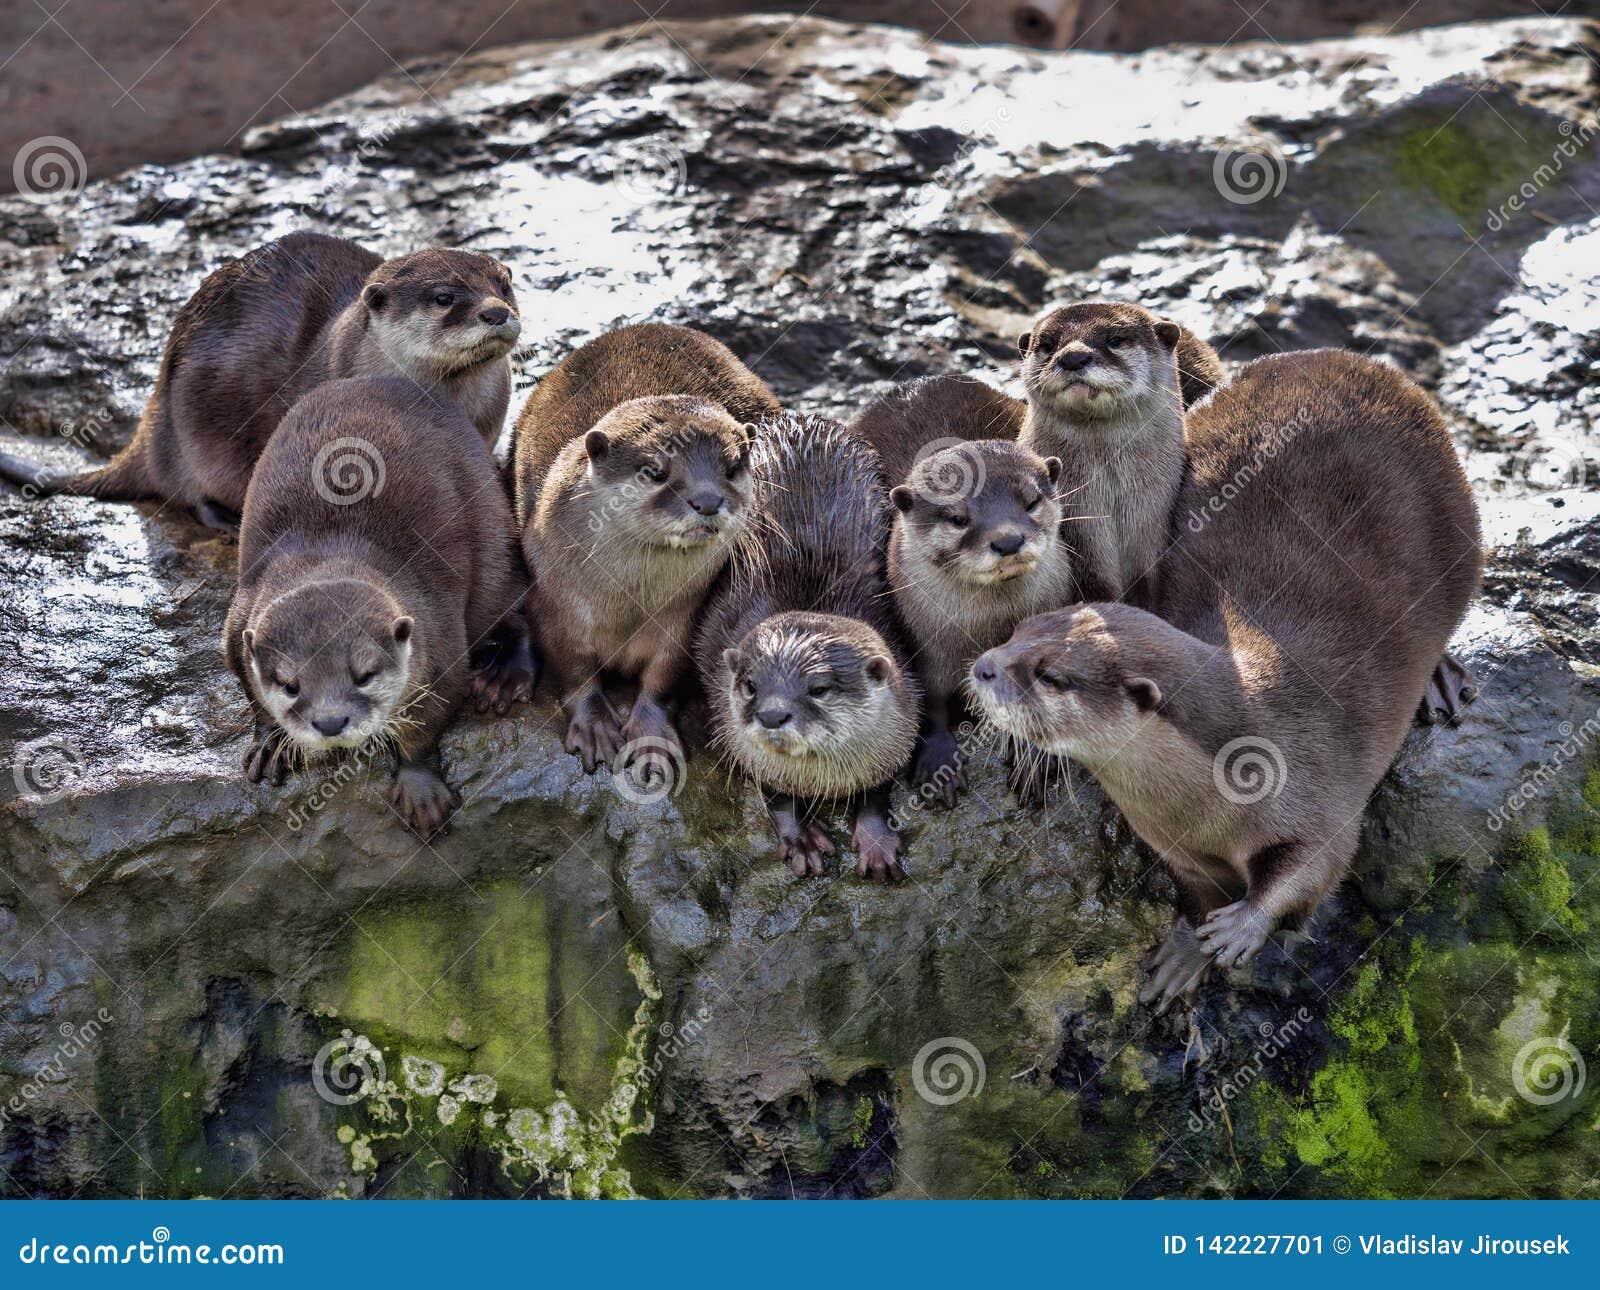 De twistzieke familie, Oosterse klein-gekrabde otter, cinerea Amblonyx, is zeer lawaaierig